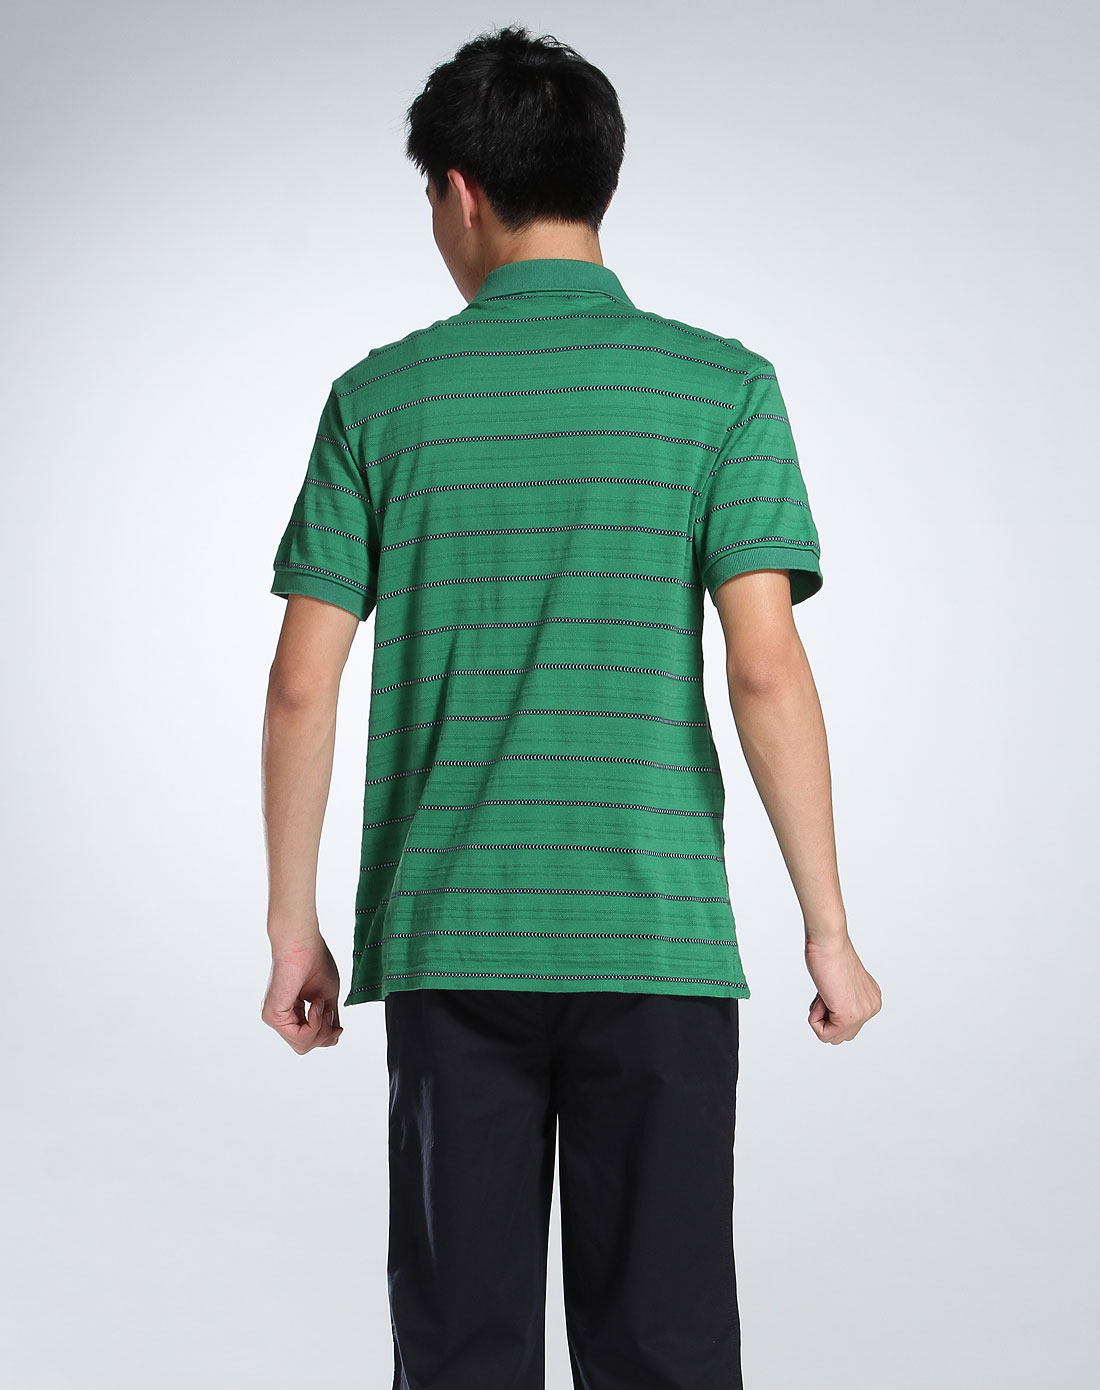 绿蓝色条纹翻领短袖t恤